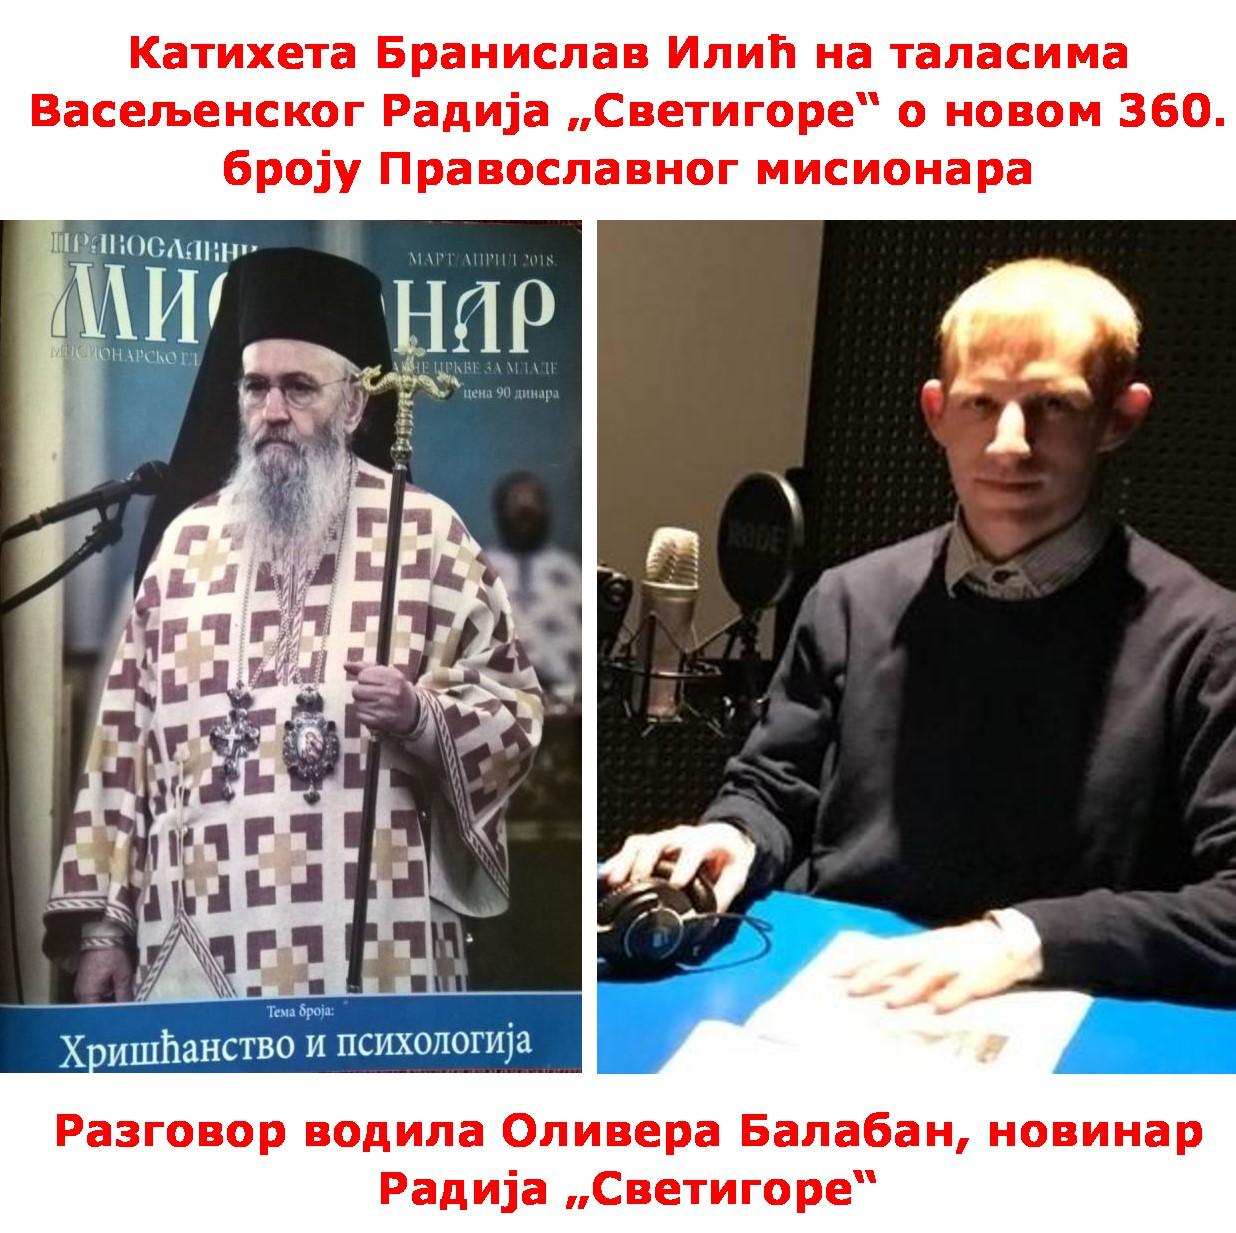 На таласима Радија Светигоре представљен нови 360. број Православног мисиона